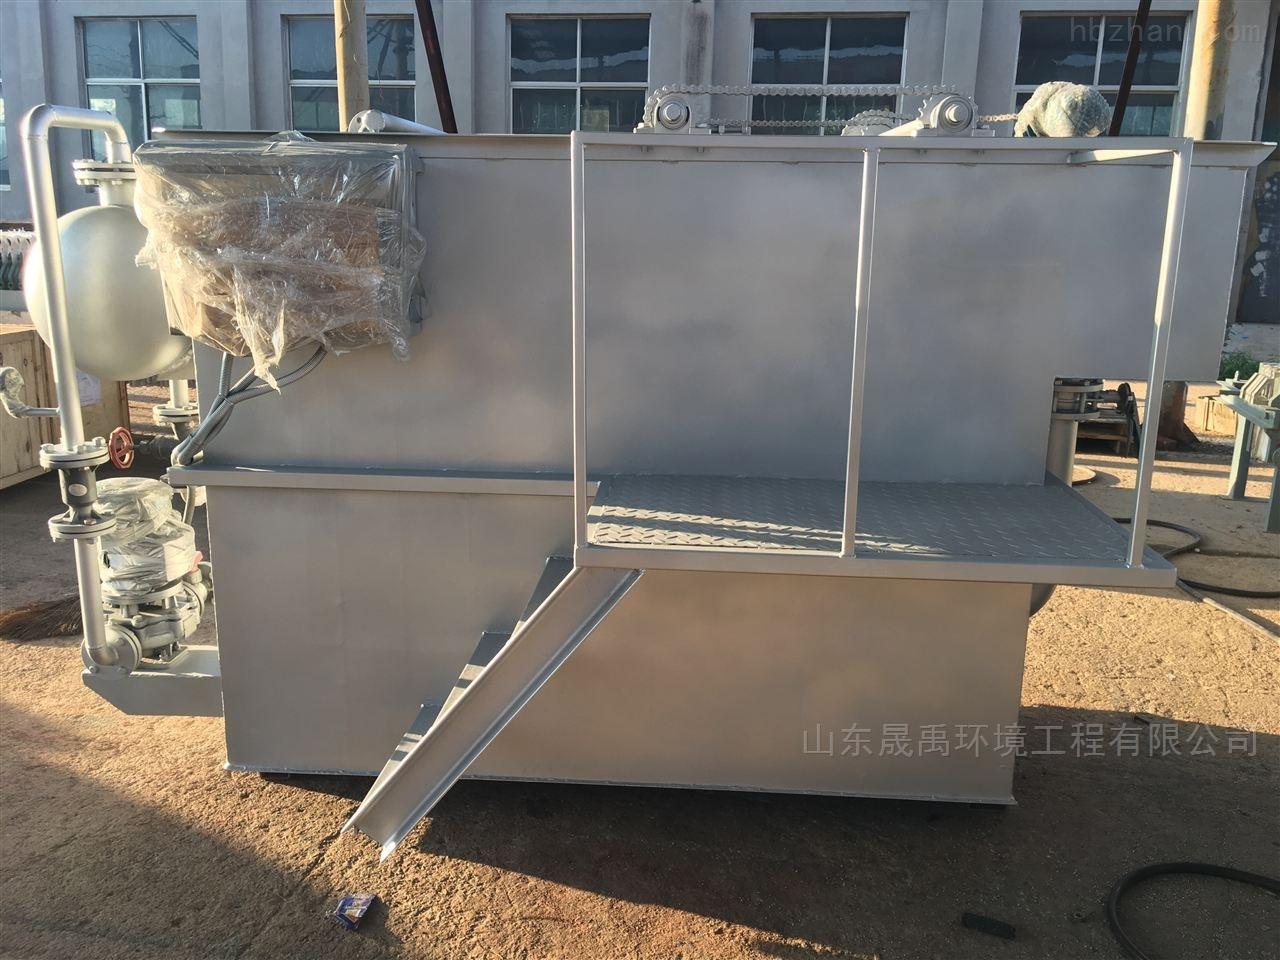 安徽巢湖刮泥机维修视频不锈钢刮泥机